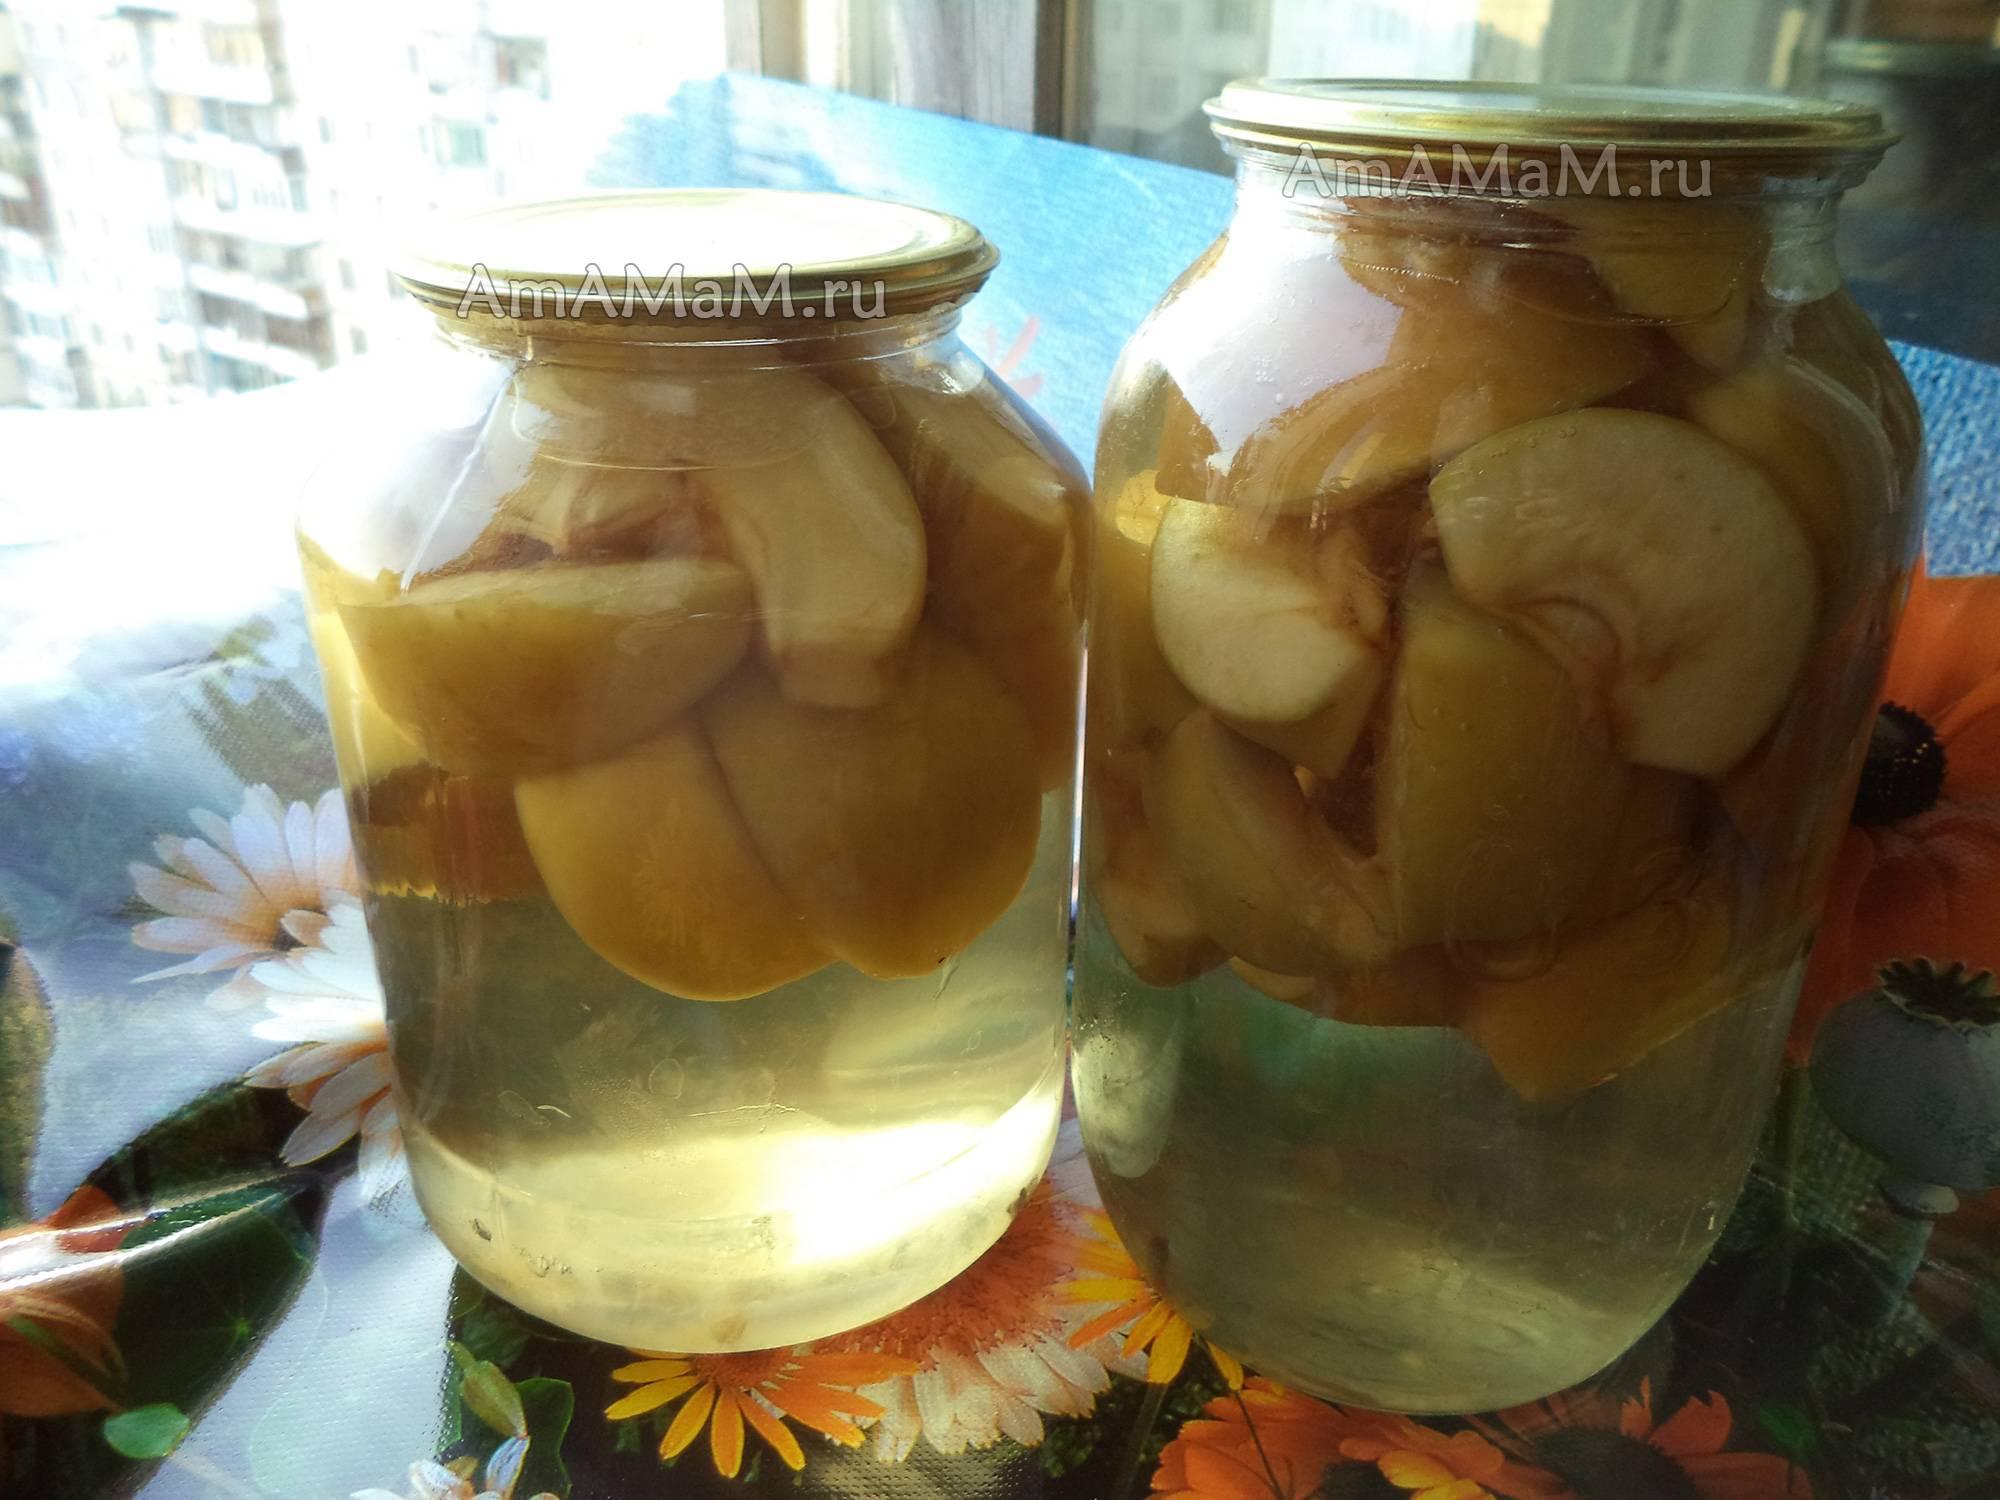 Компот из яблок, груш и слив на зиму - 8 пошаговых фото в рецепте